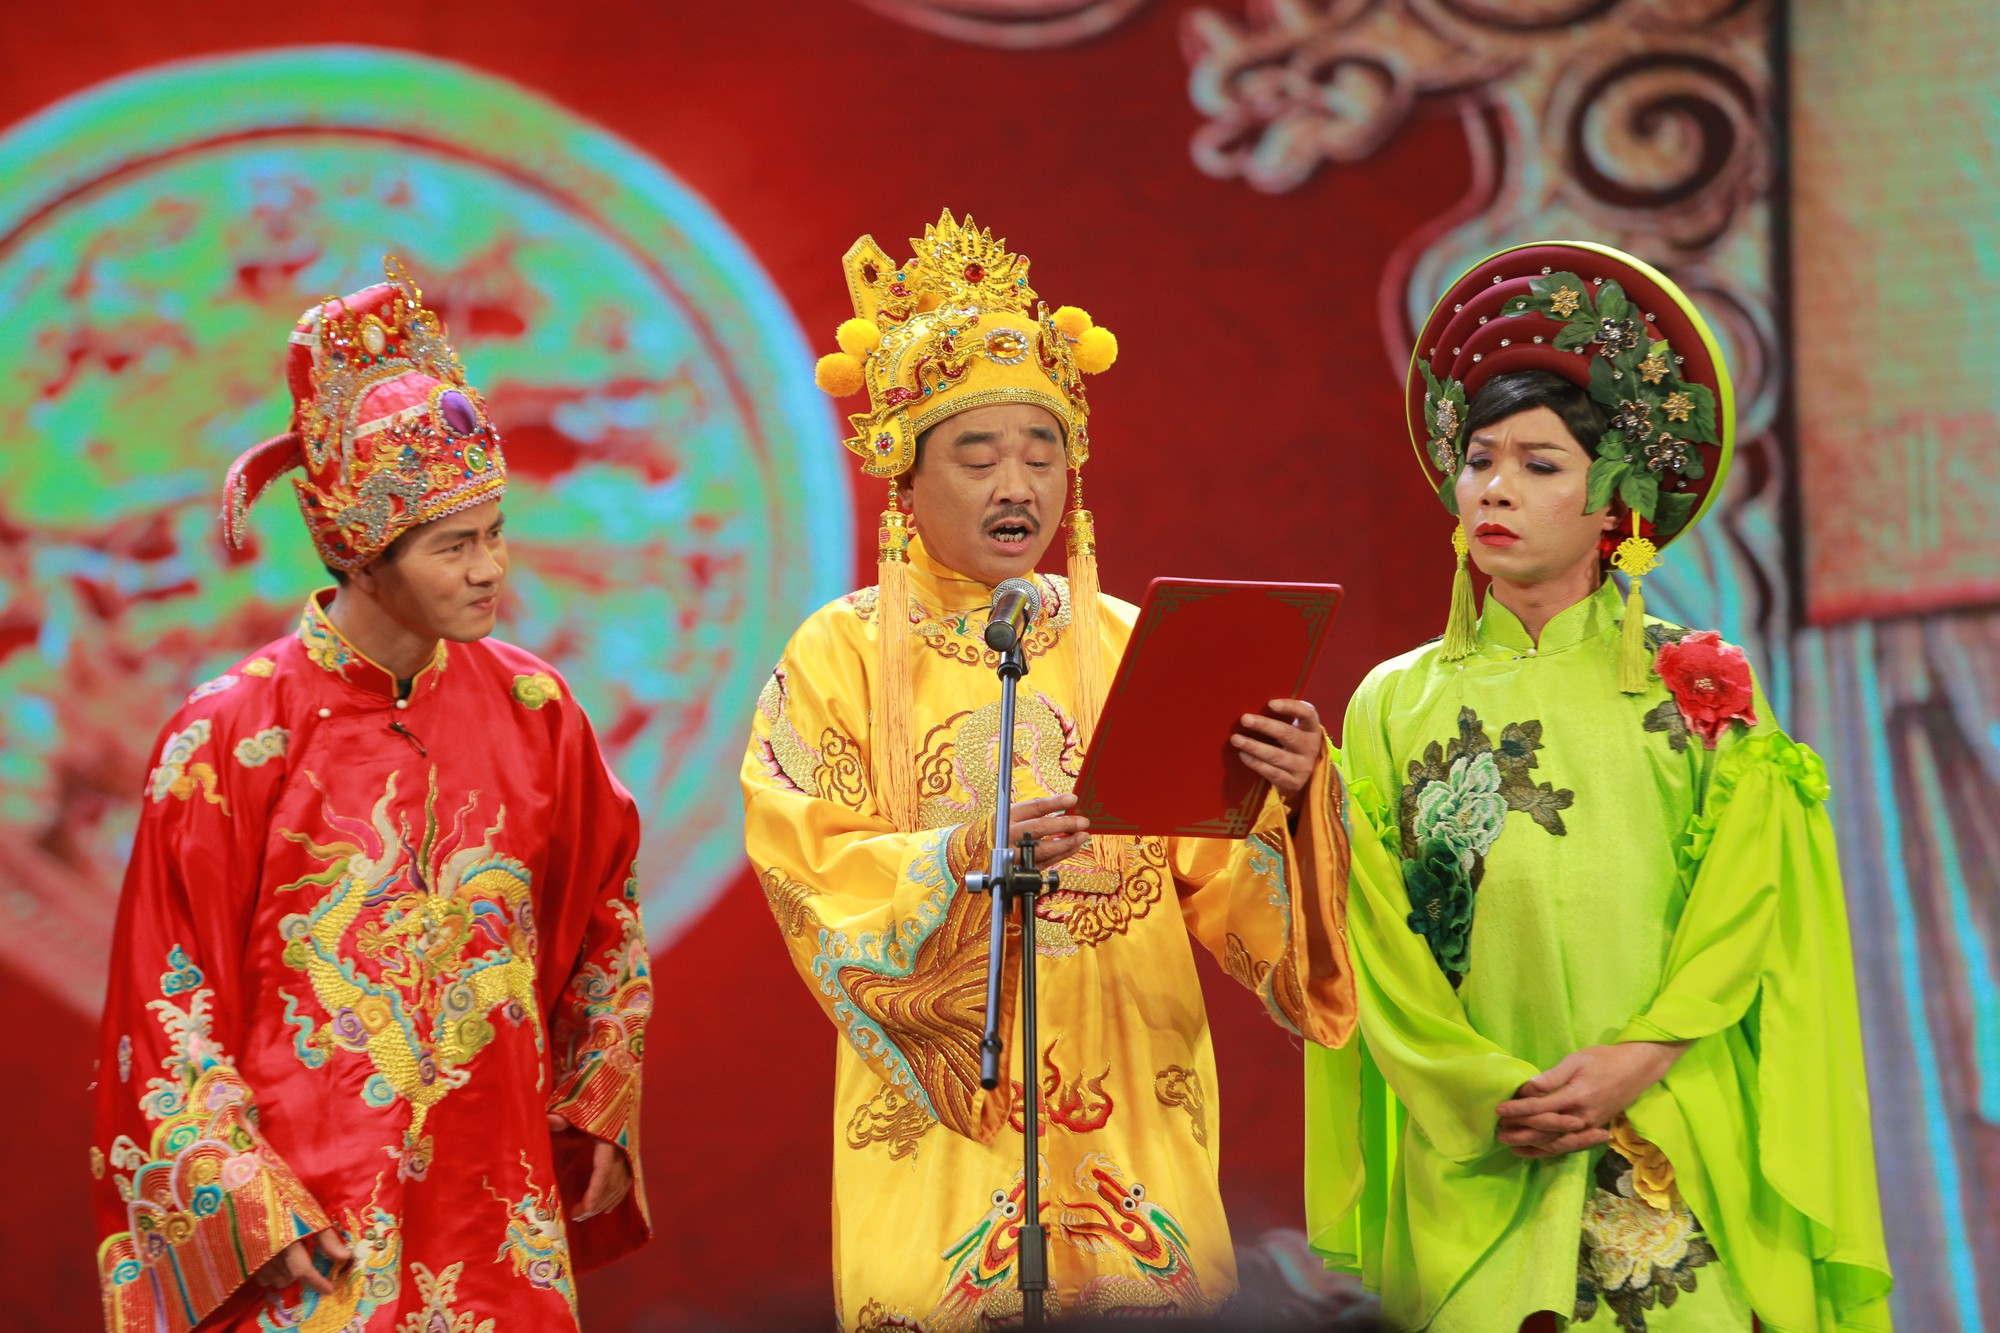 chua-len-song-tao-quan-da-ban-hon-nua-ty-dong-cho-30-giay-quang-cao